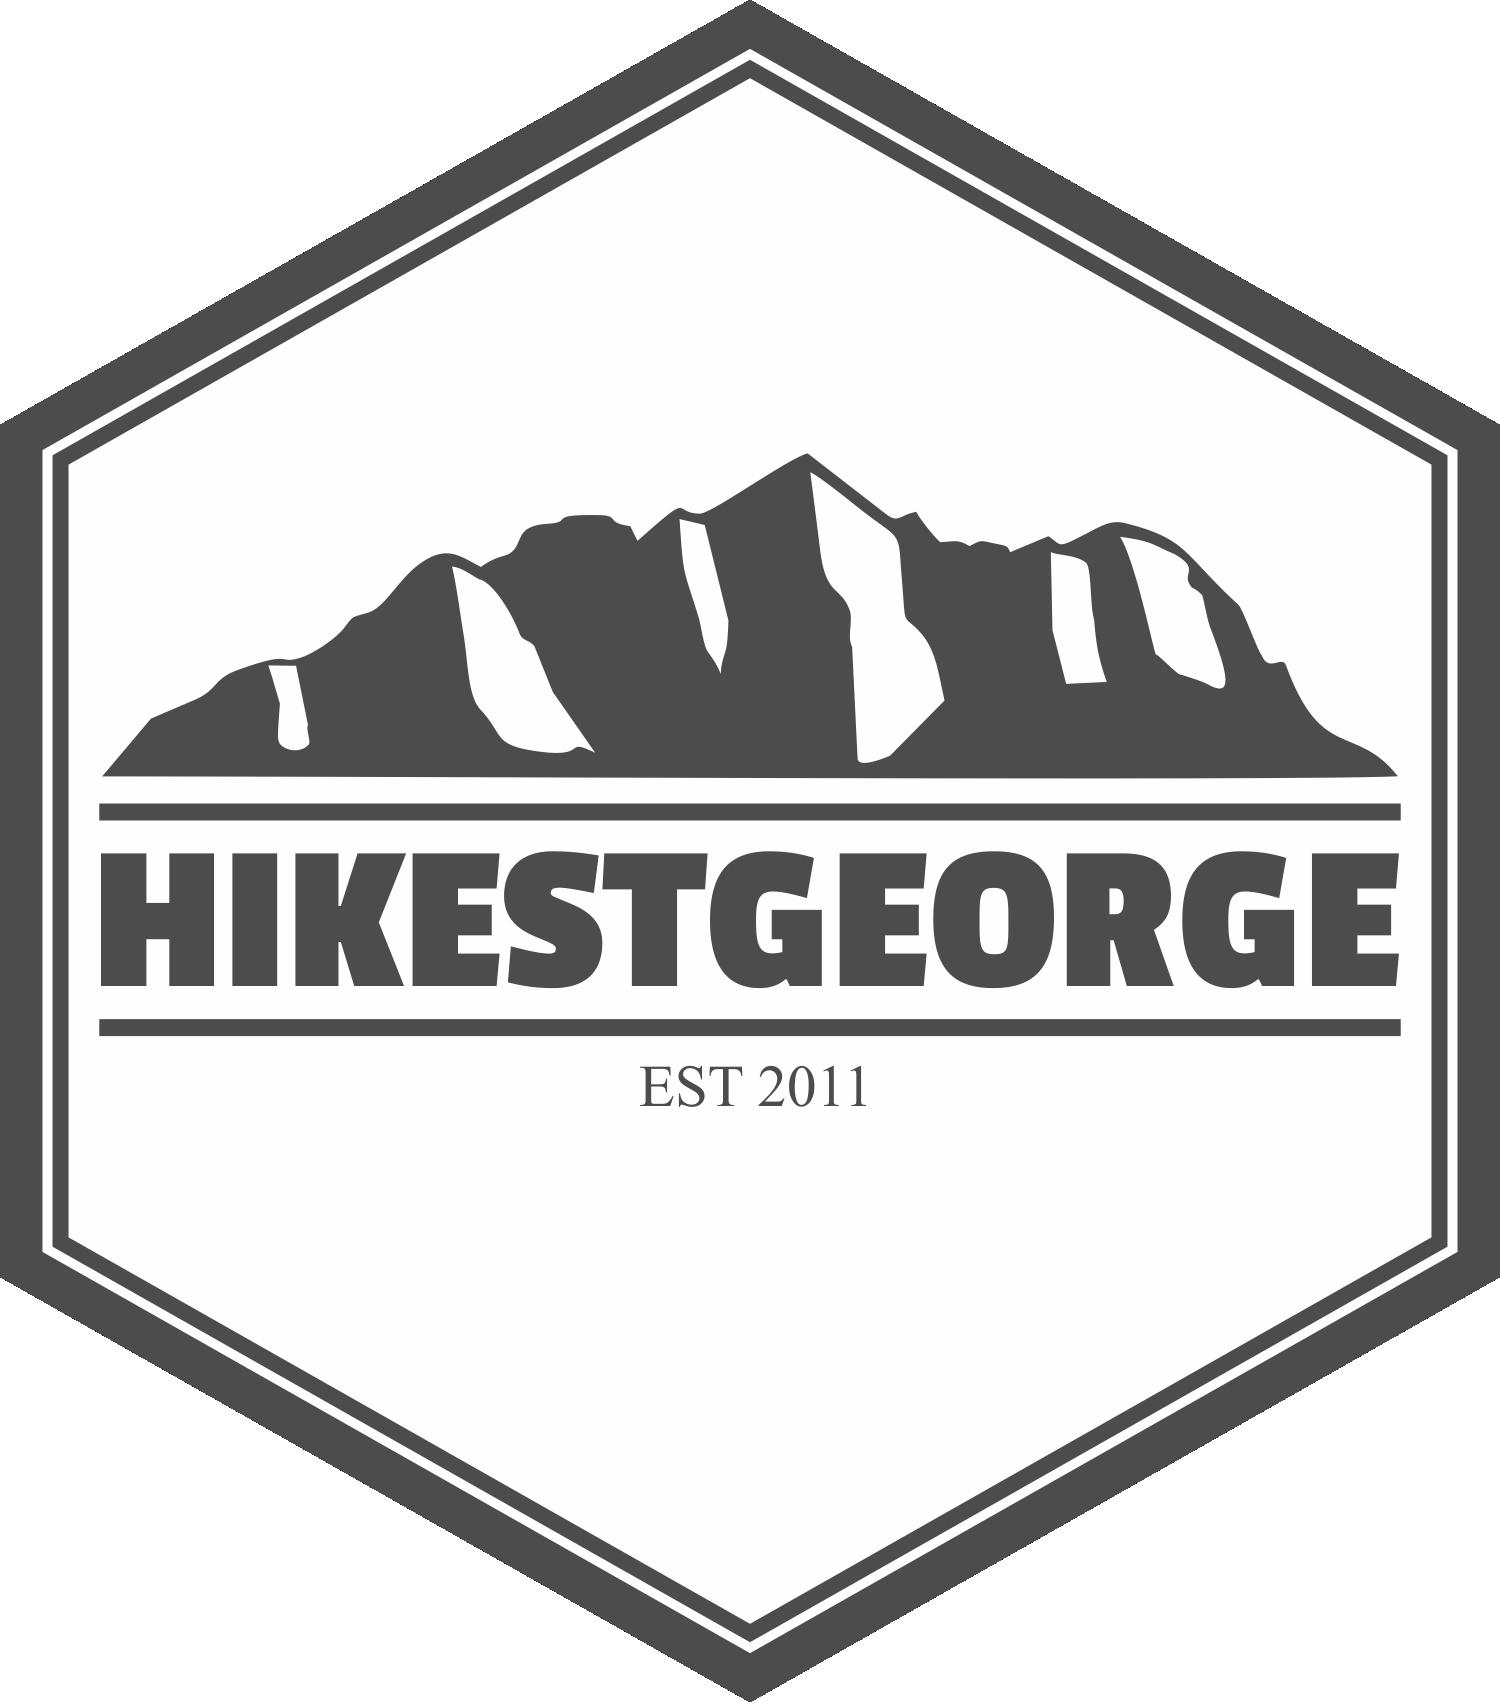 Hike St George